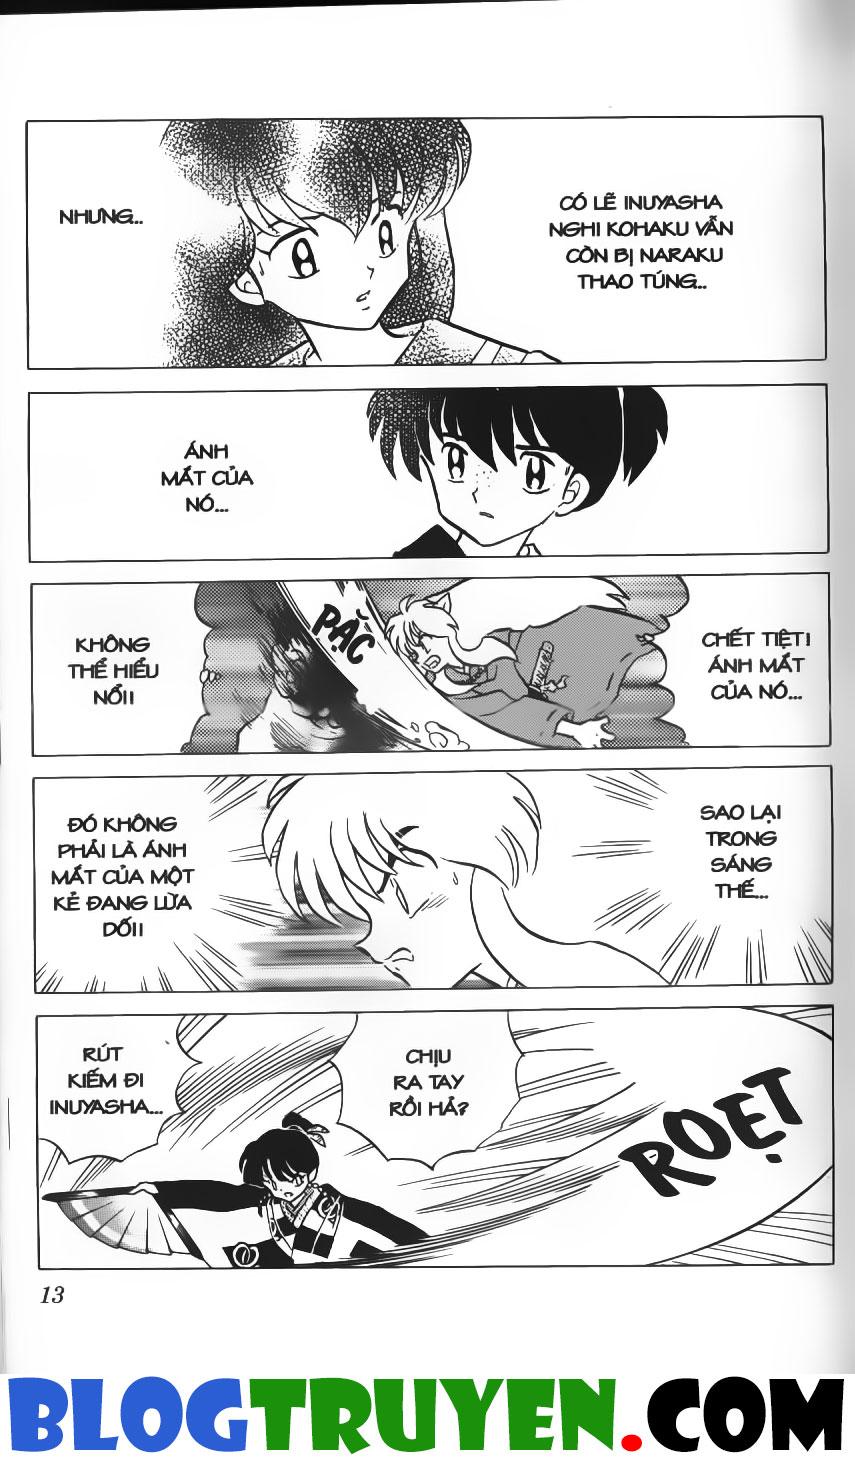 Inuyasha vol 19.1 trang 11